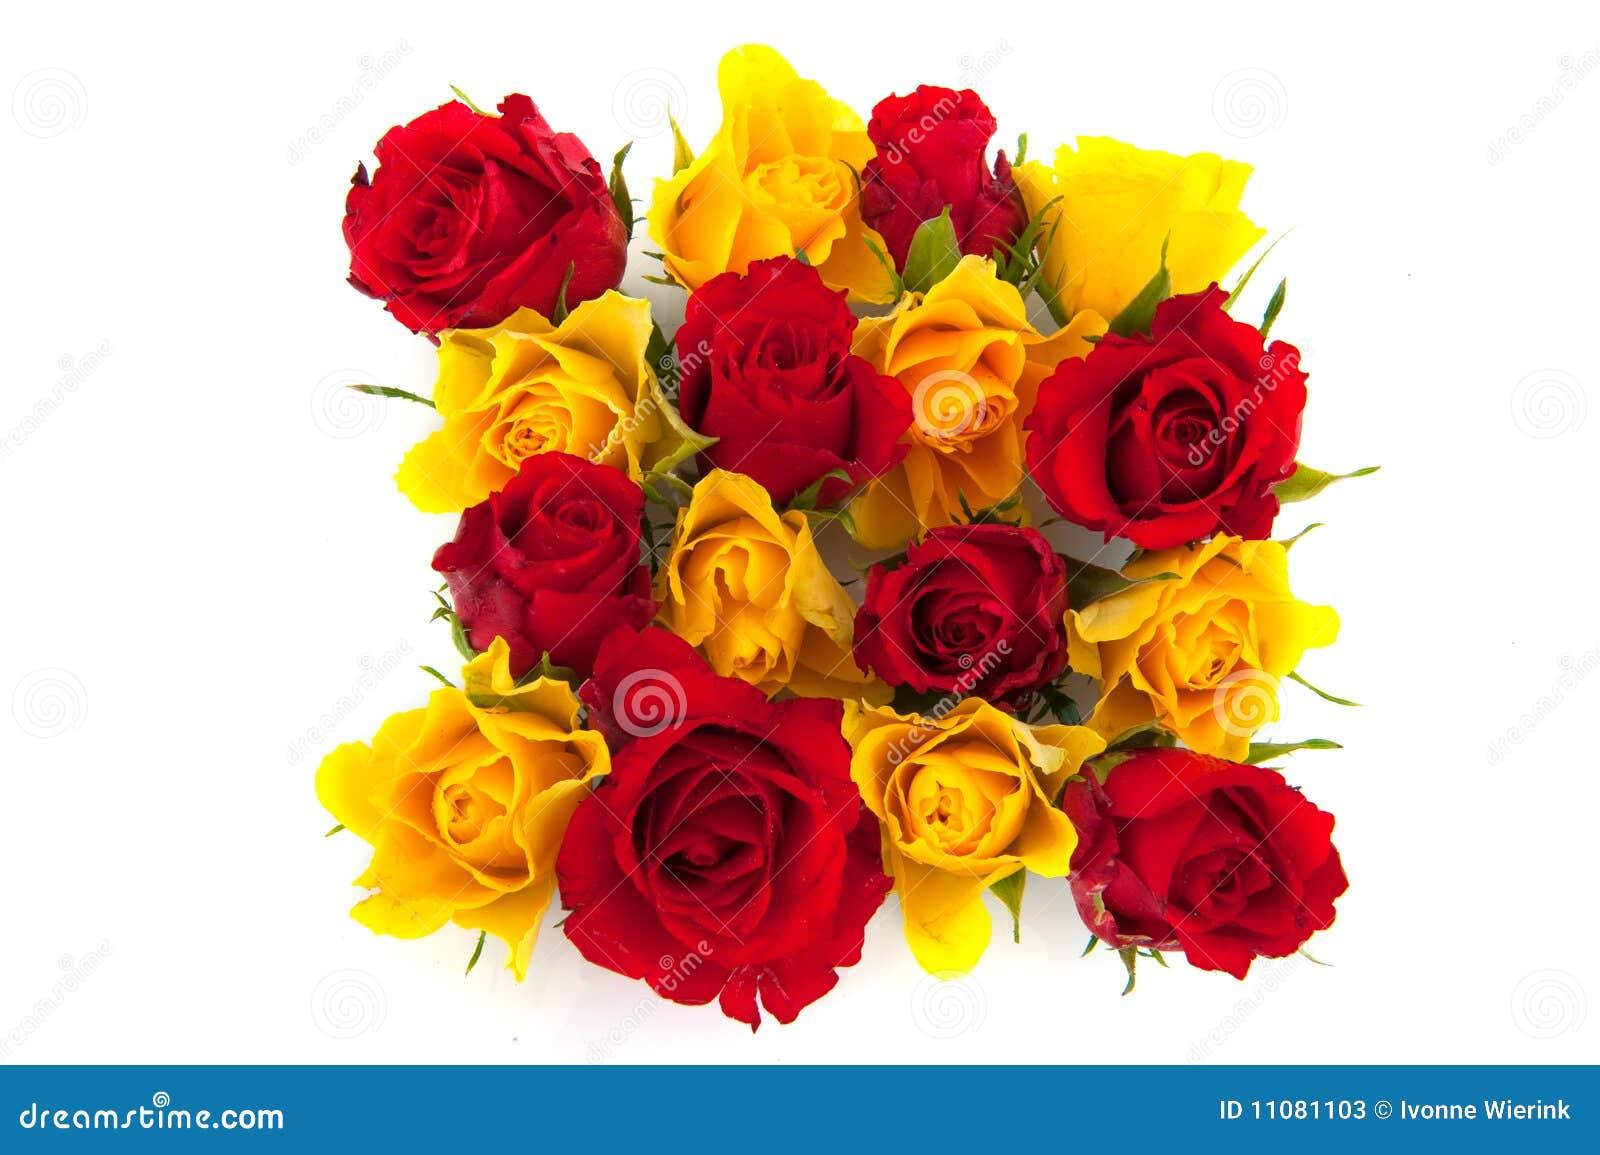 Rosas Vermelhas E Amarelas Imagem De Stock Imagem De Amarelo 11081103